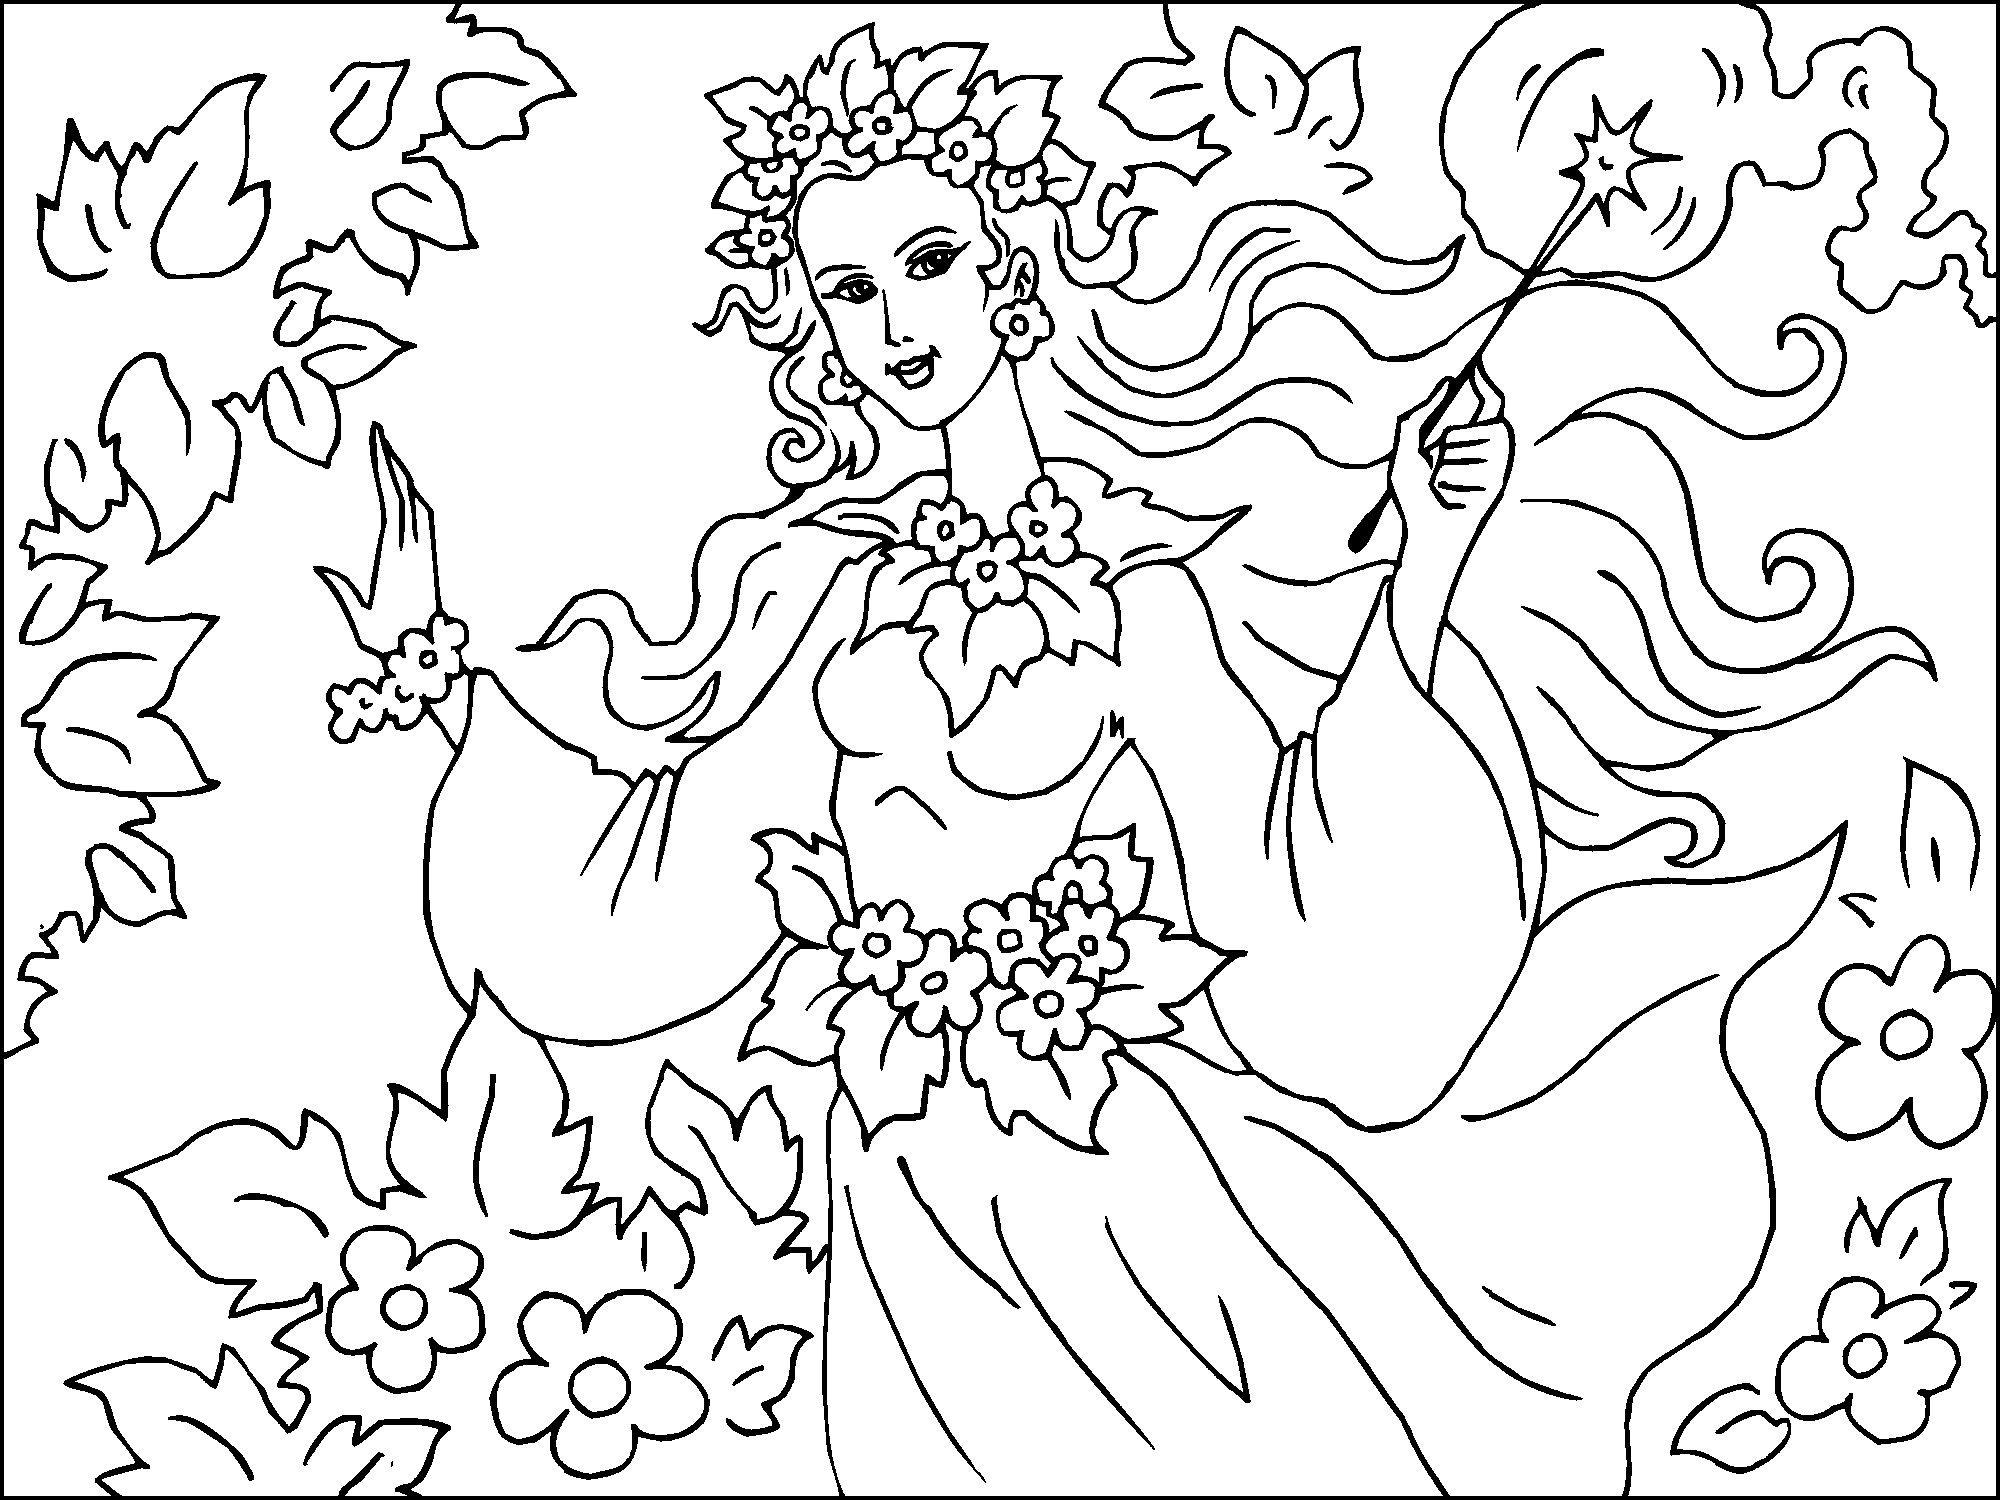 Nuevo dibujo de hadas del bosque | Fondos de pantalla de Hadas del ...